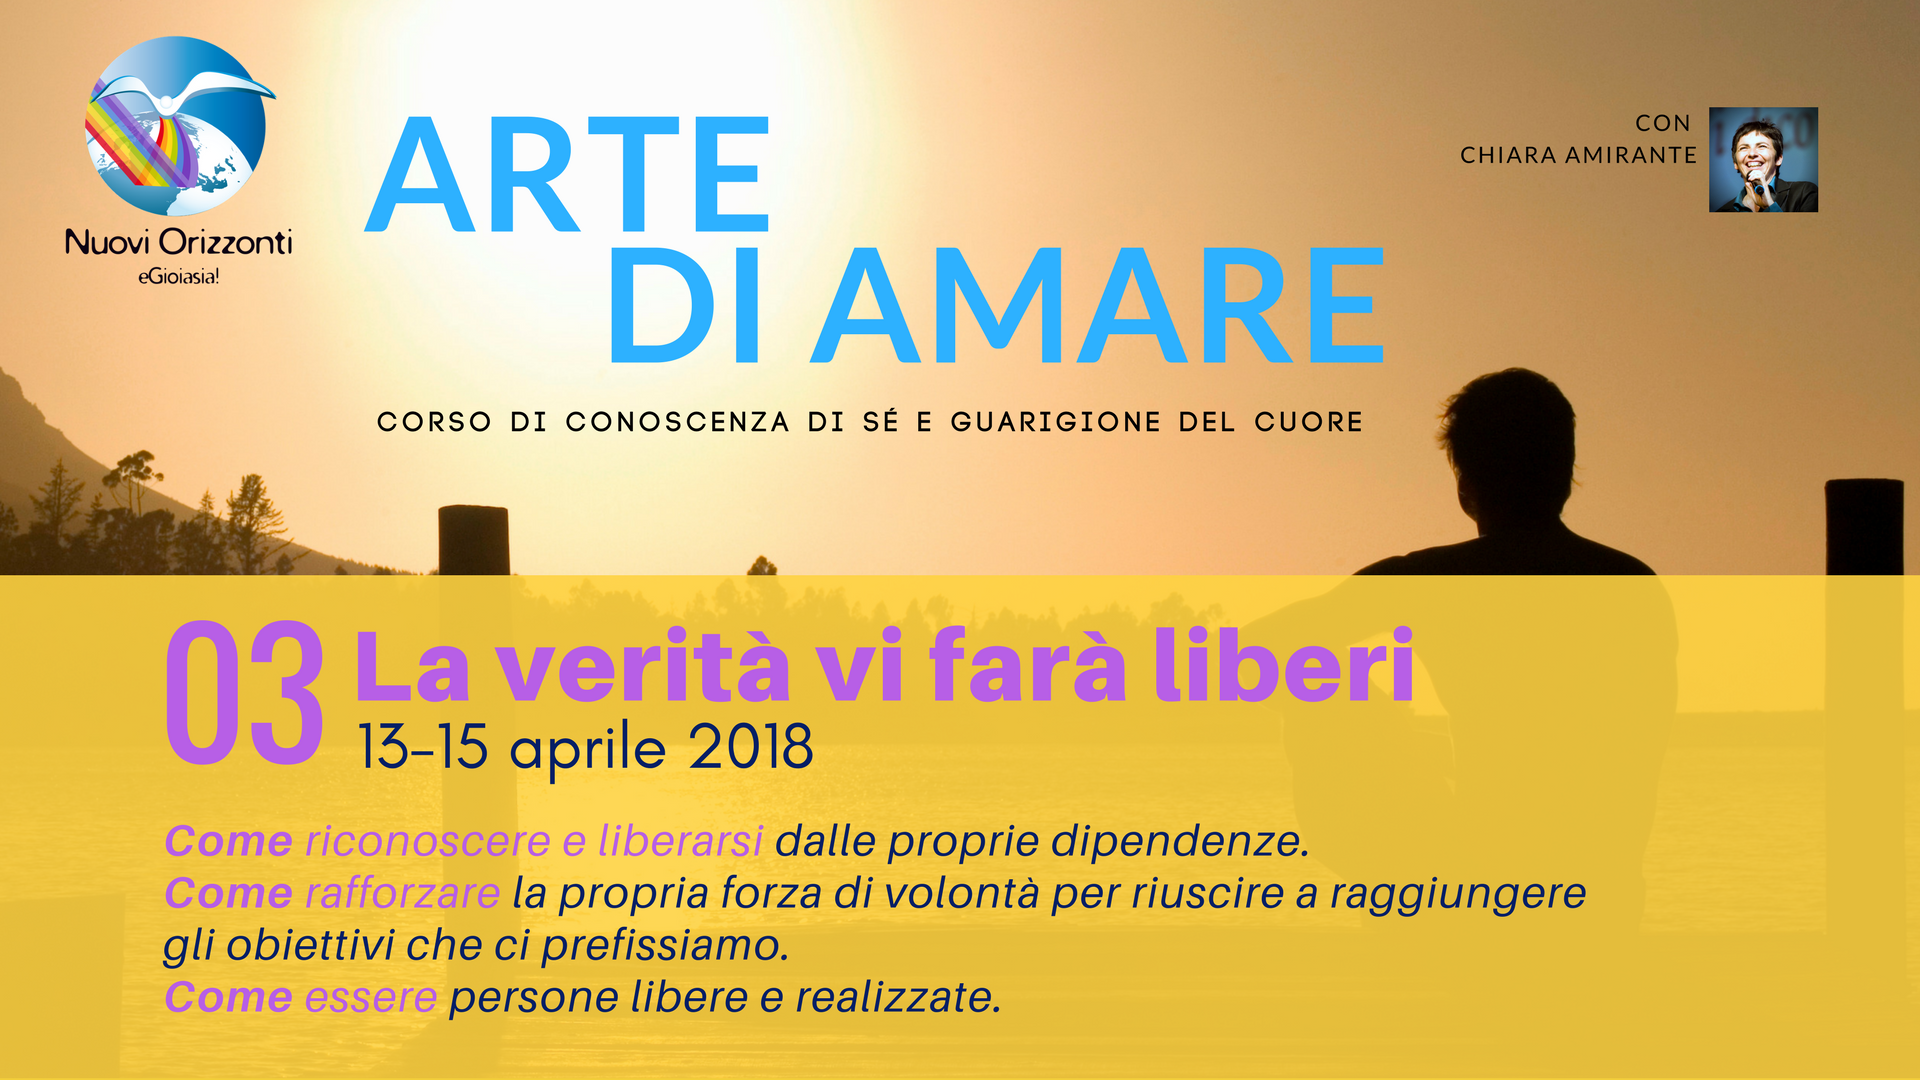 Arte di Amare 2017-2018 - Nuovi Orizzonti